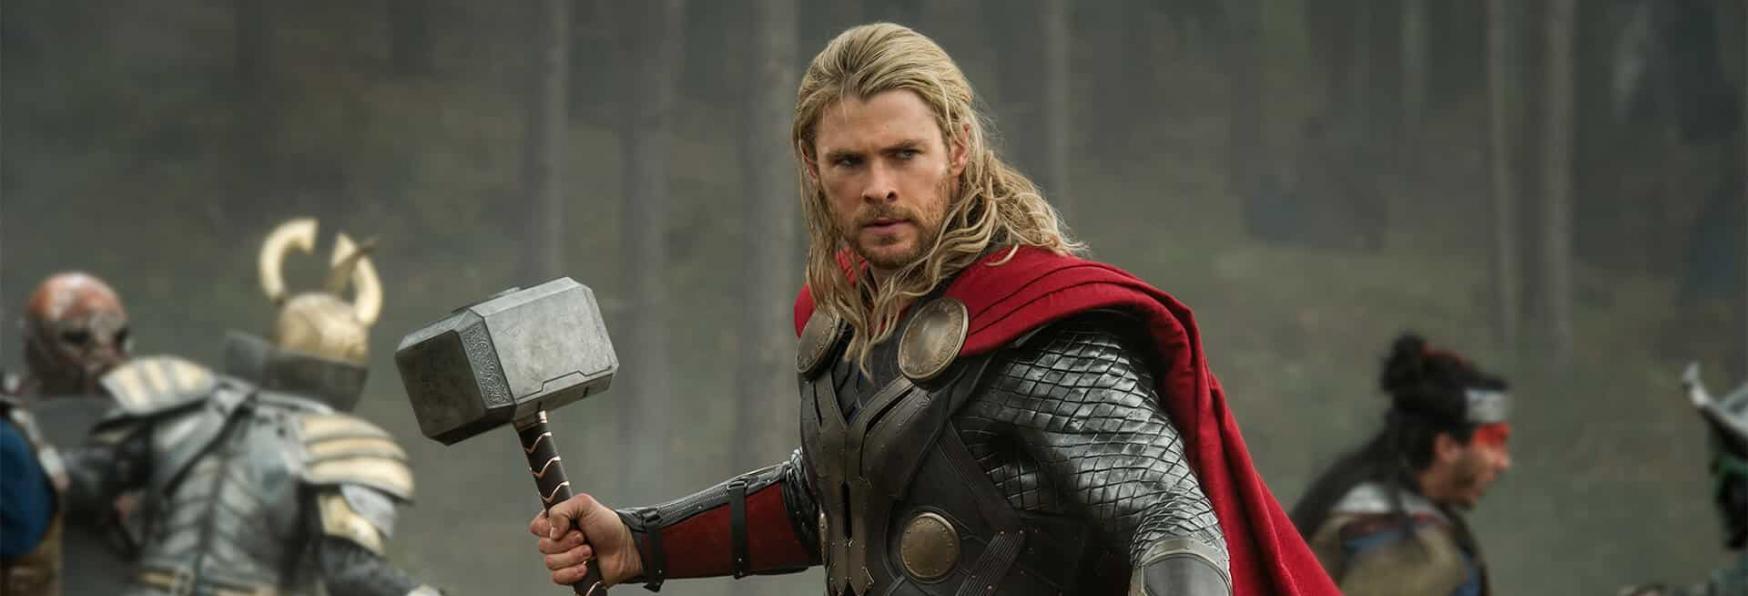 What If...? - Svelati i Dettagli dell'Episodio dedicato a Thor della nuova Serie TV targata Disney+